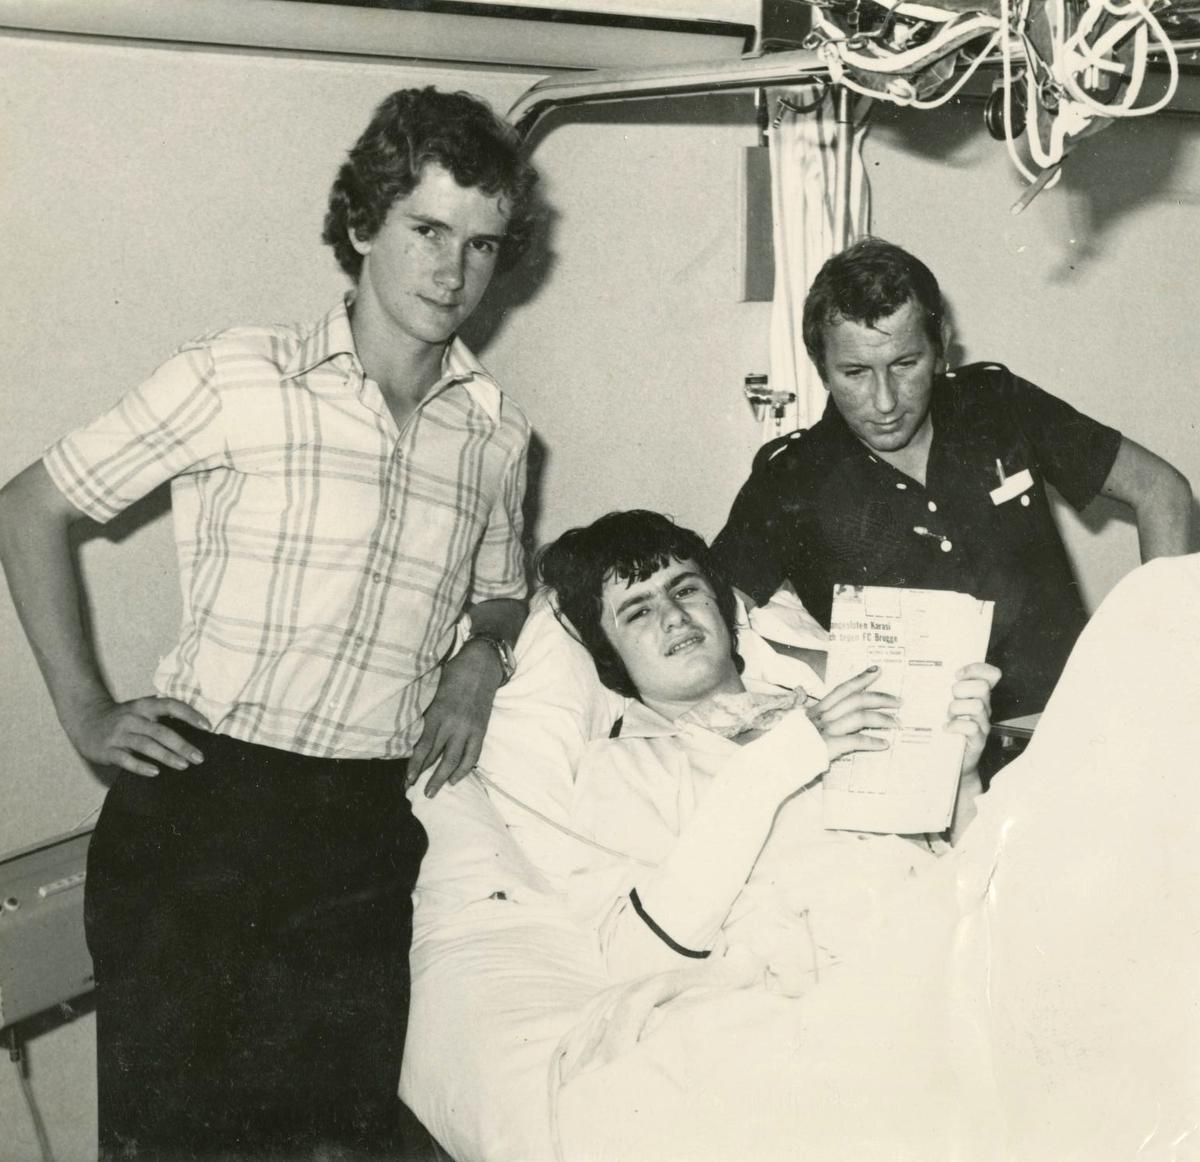 Voetbalvriend Gerry Goeminne (links) en De Weekbode-reporter Eugeen Grijspeert, alias Karl Andersen, brachten een bezoek aan het ziekenhuis toen Laurens Monteyne na een ongeval een zware beenbreuk opliep.